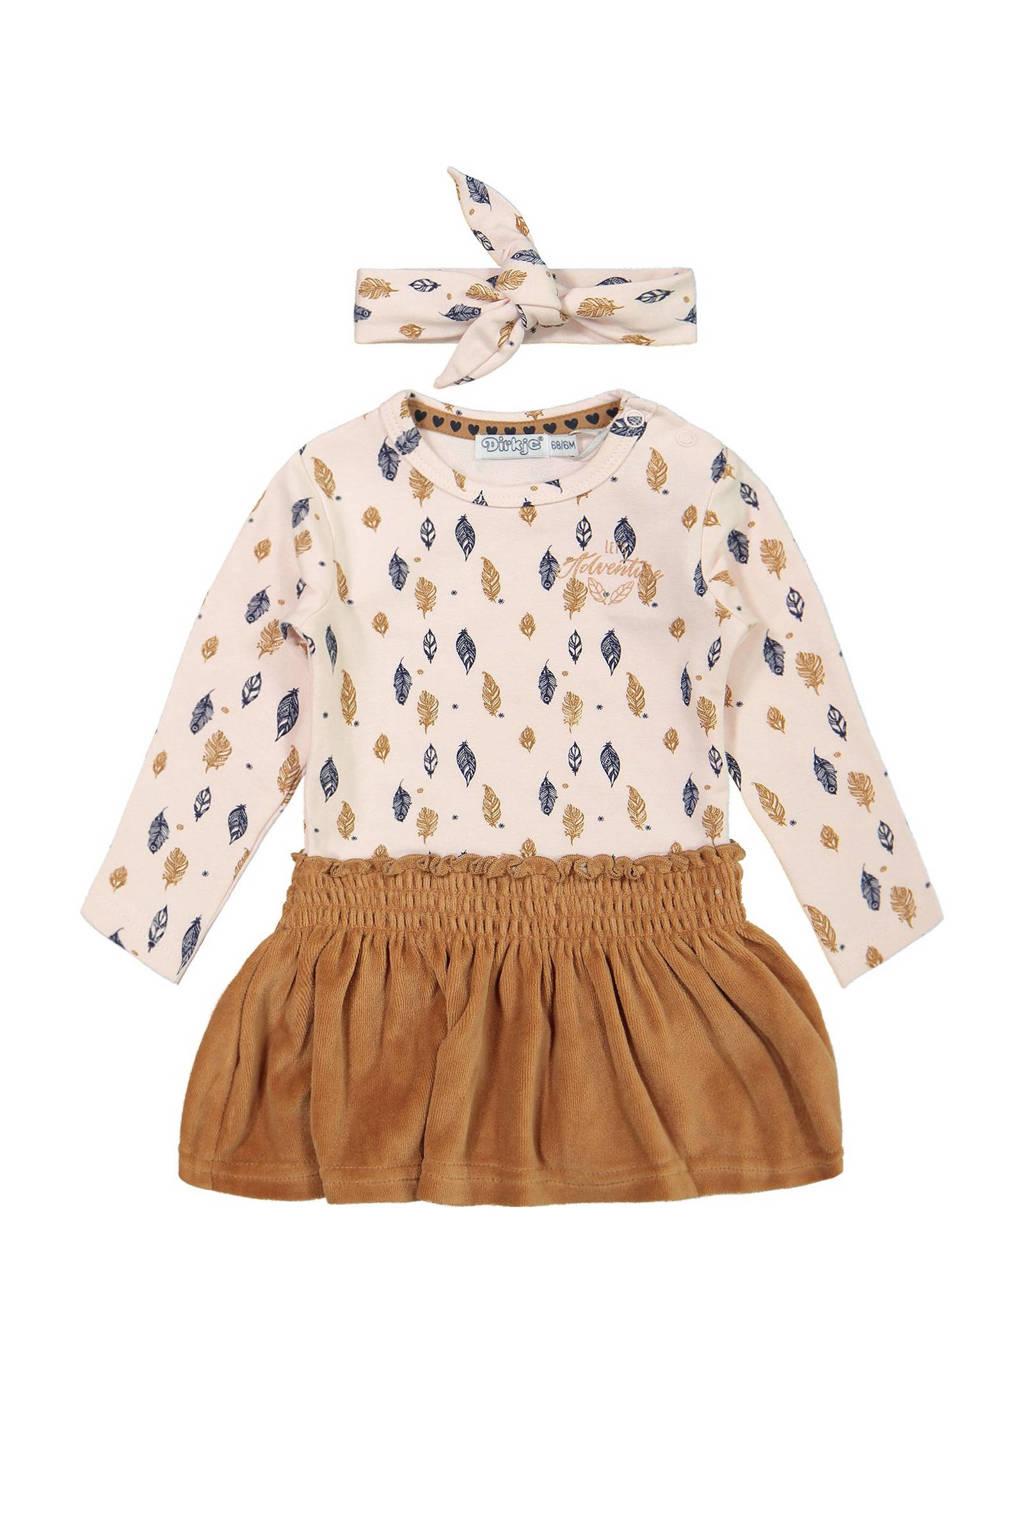 Dirkje jurk met bijpassende haarband lichtroze/camel, Lichtroze/camel